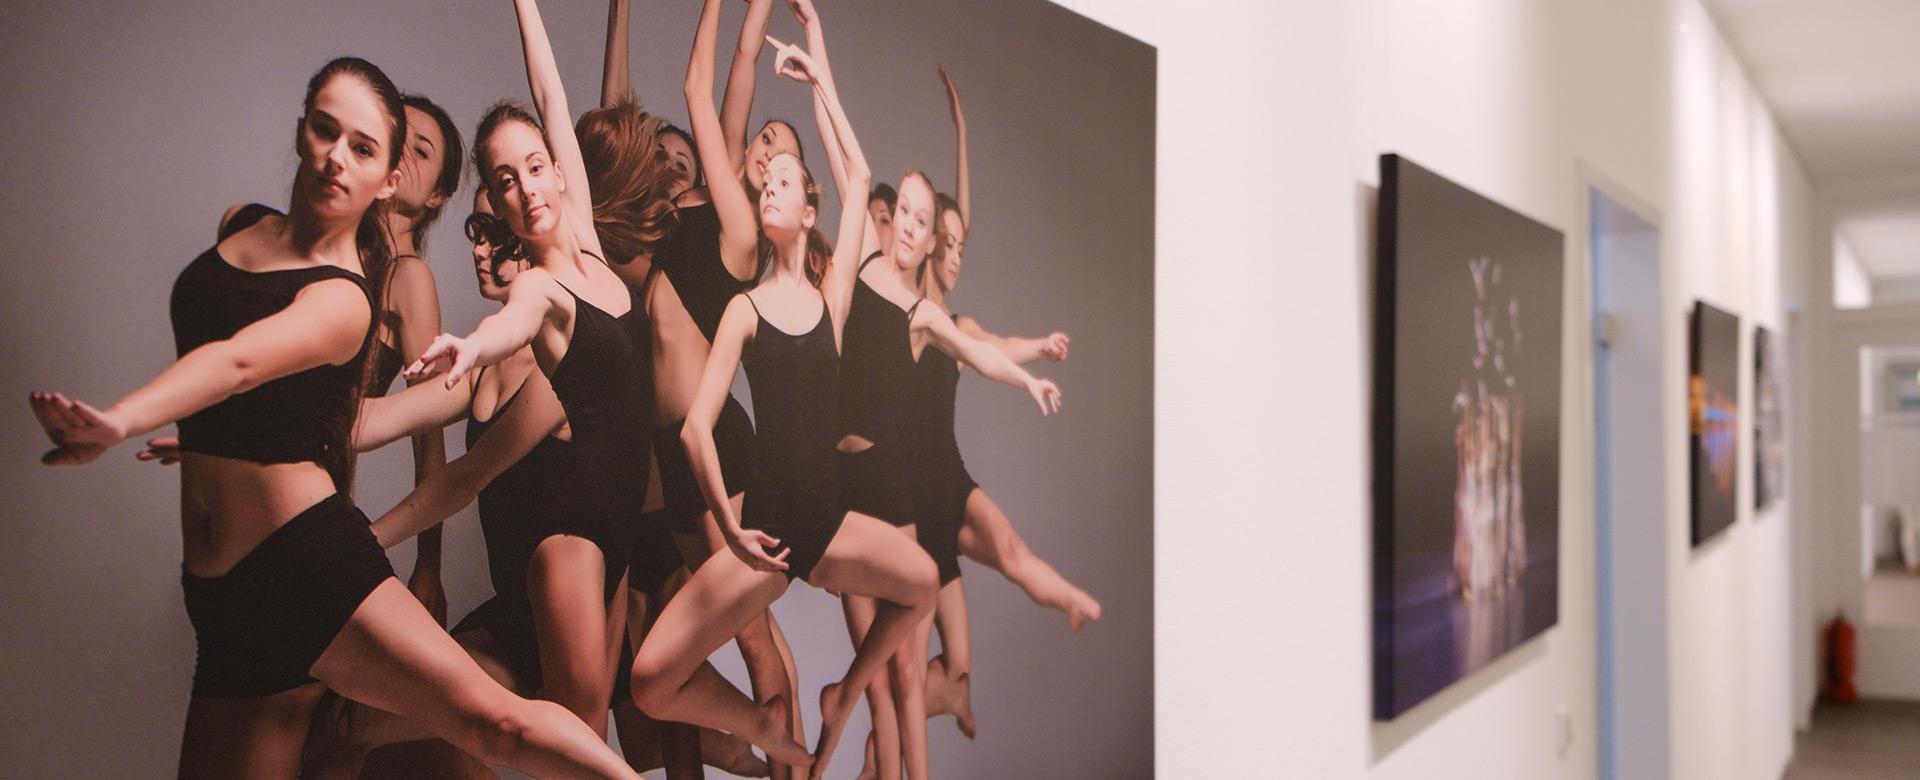 Flurwand mit Bildern tanzender Frauen - Frauenarzt Frauenärztin Gynäkologie Pränataldiagnostik Essen